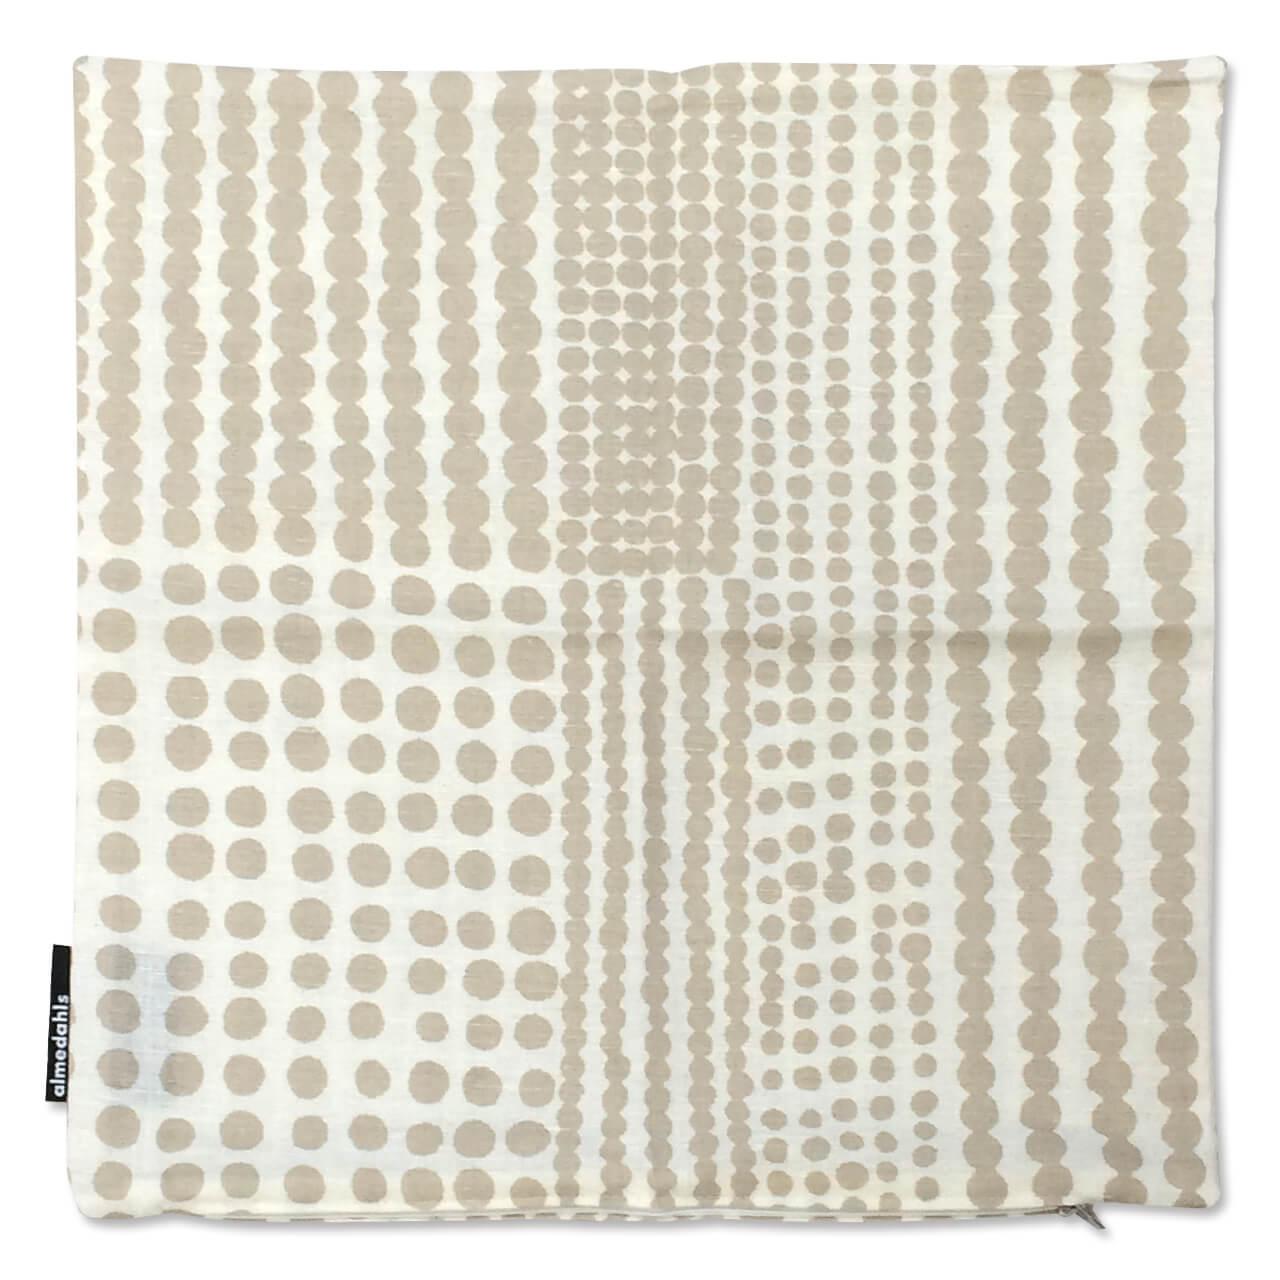 クッションカバー Pricktyg ベージュ 約45×45cm